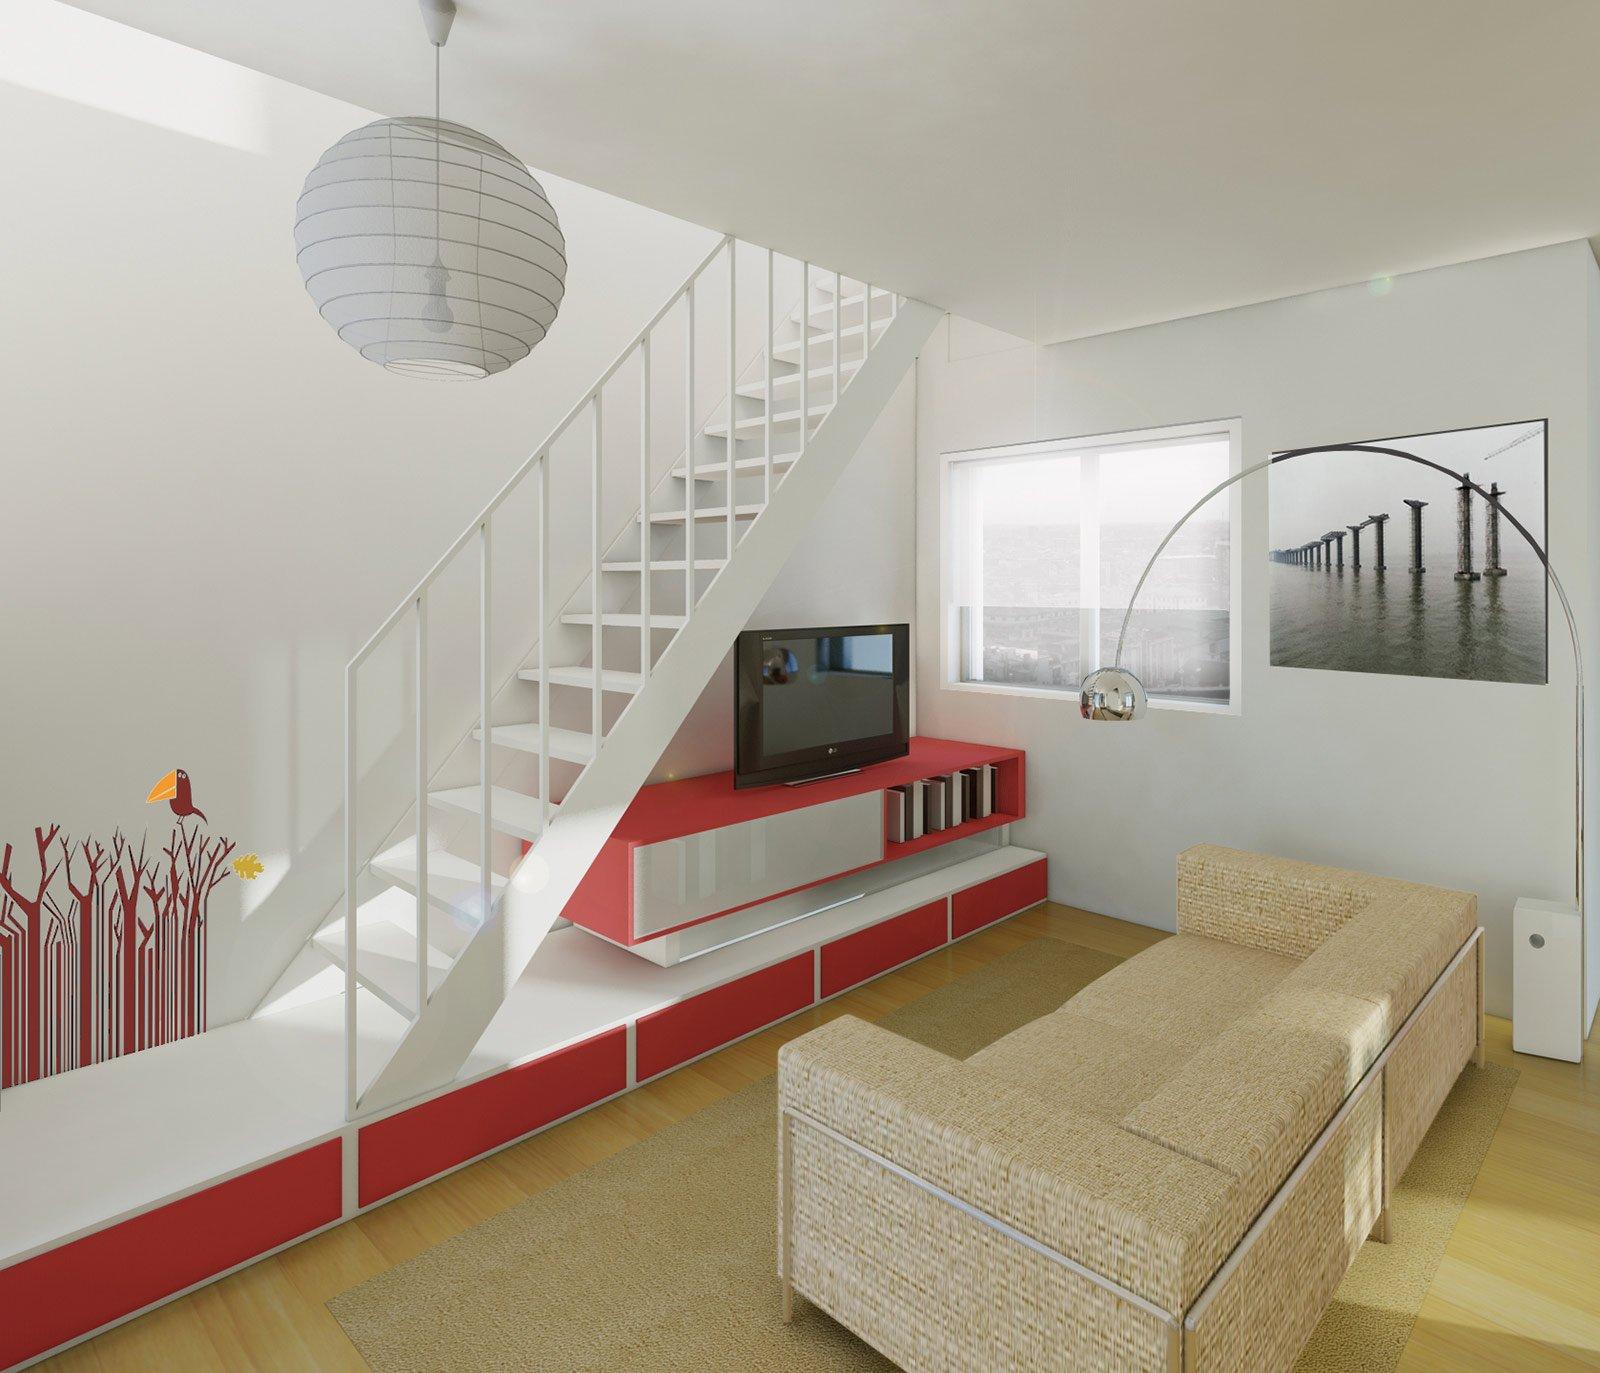 Soggiorno e cucina in poco spazio cose di casa - Cucina in poco spazio ...